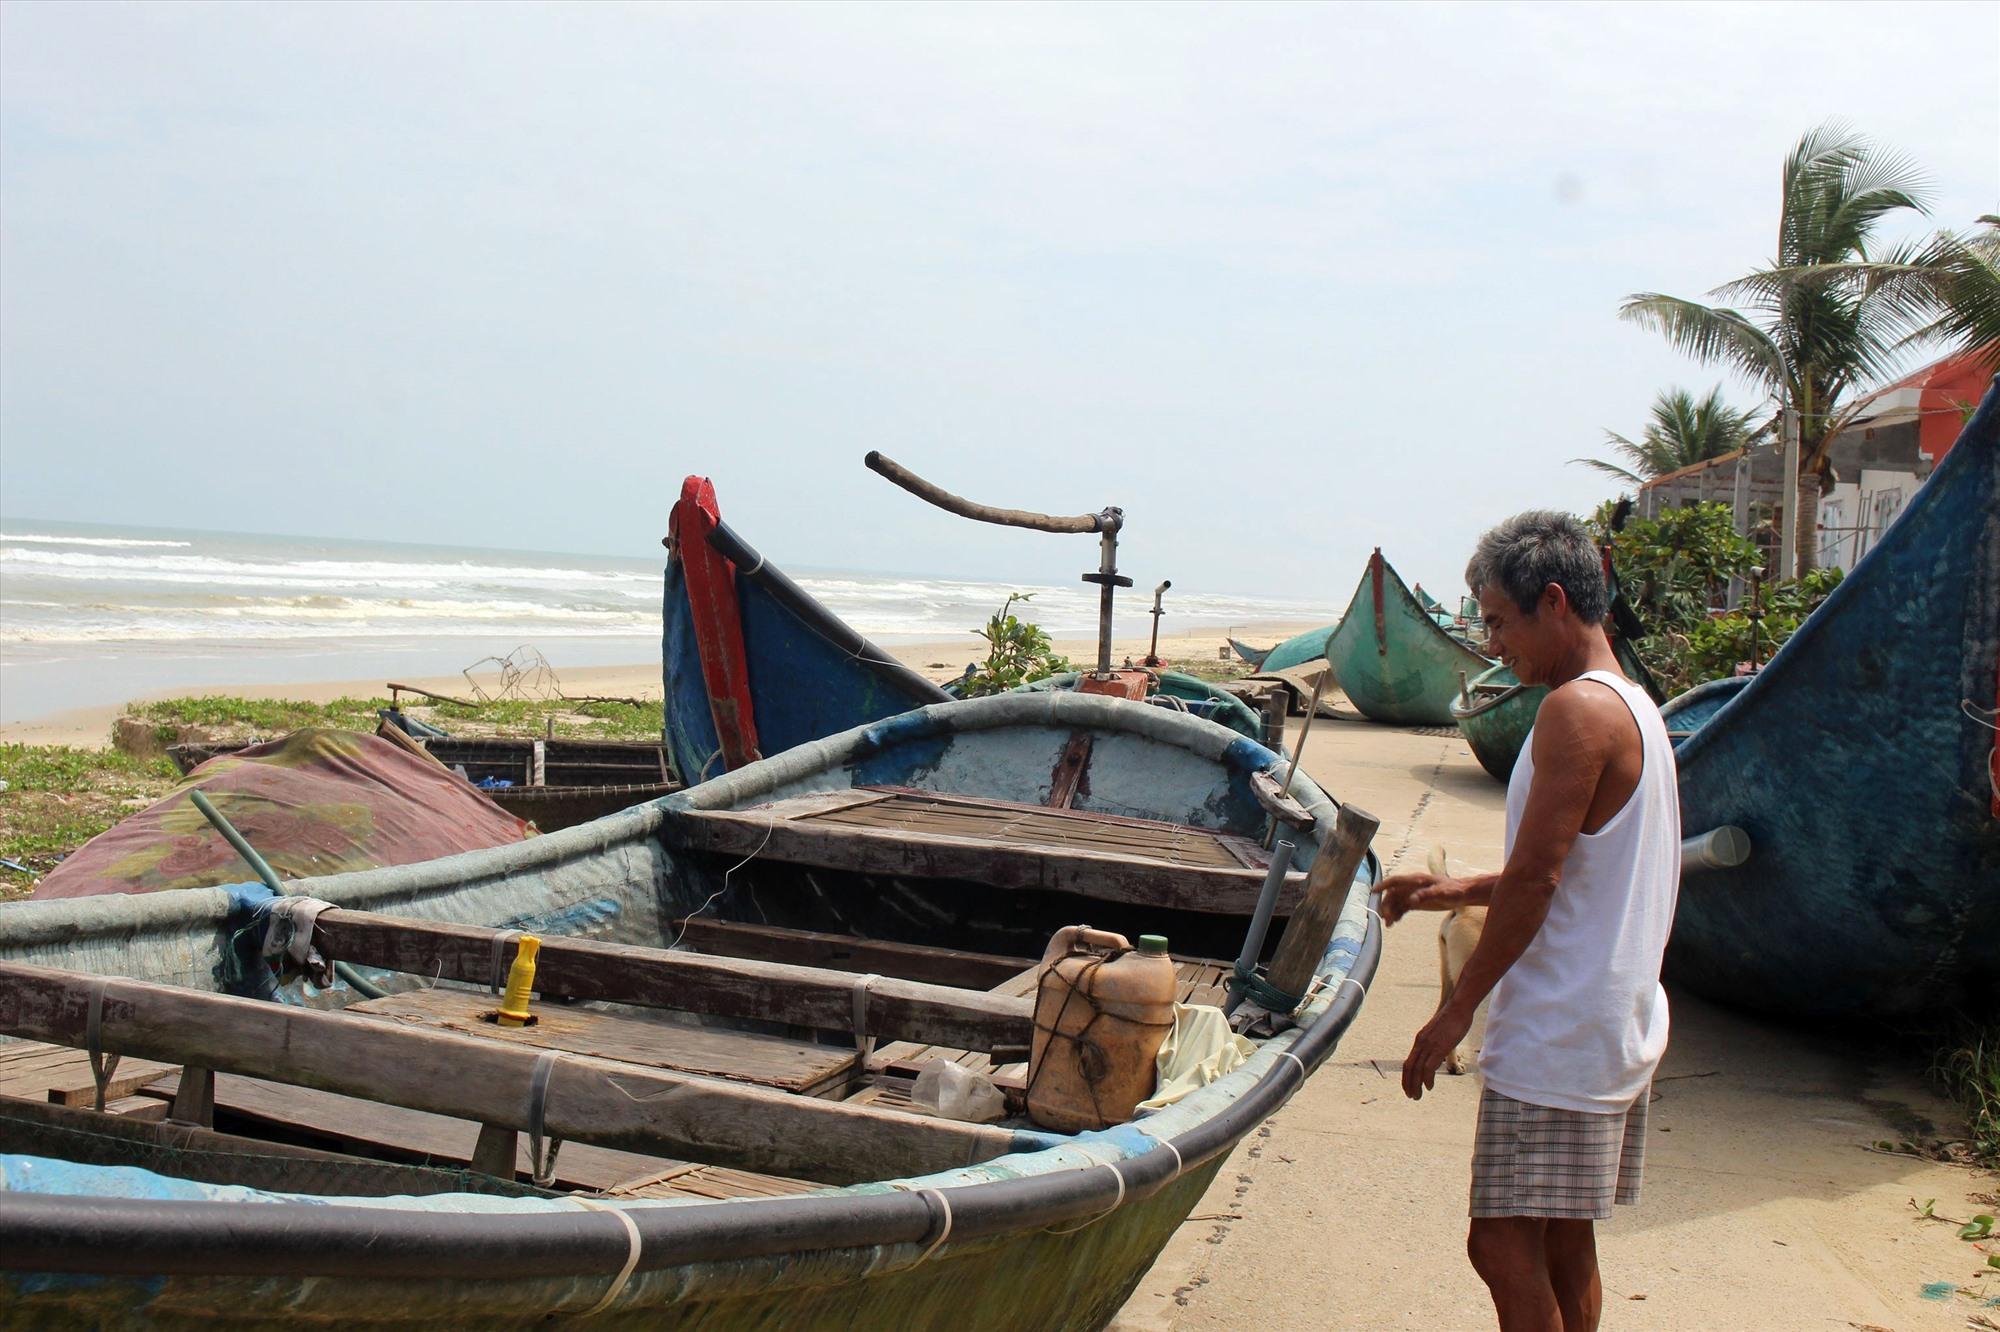 Người dân xã Tam Thanh đưa ghe lên bờ tránh bão. Ảnh: H.A